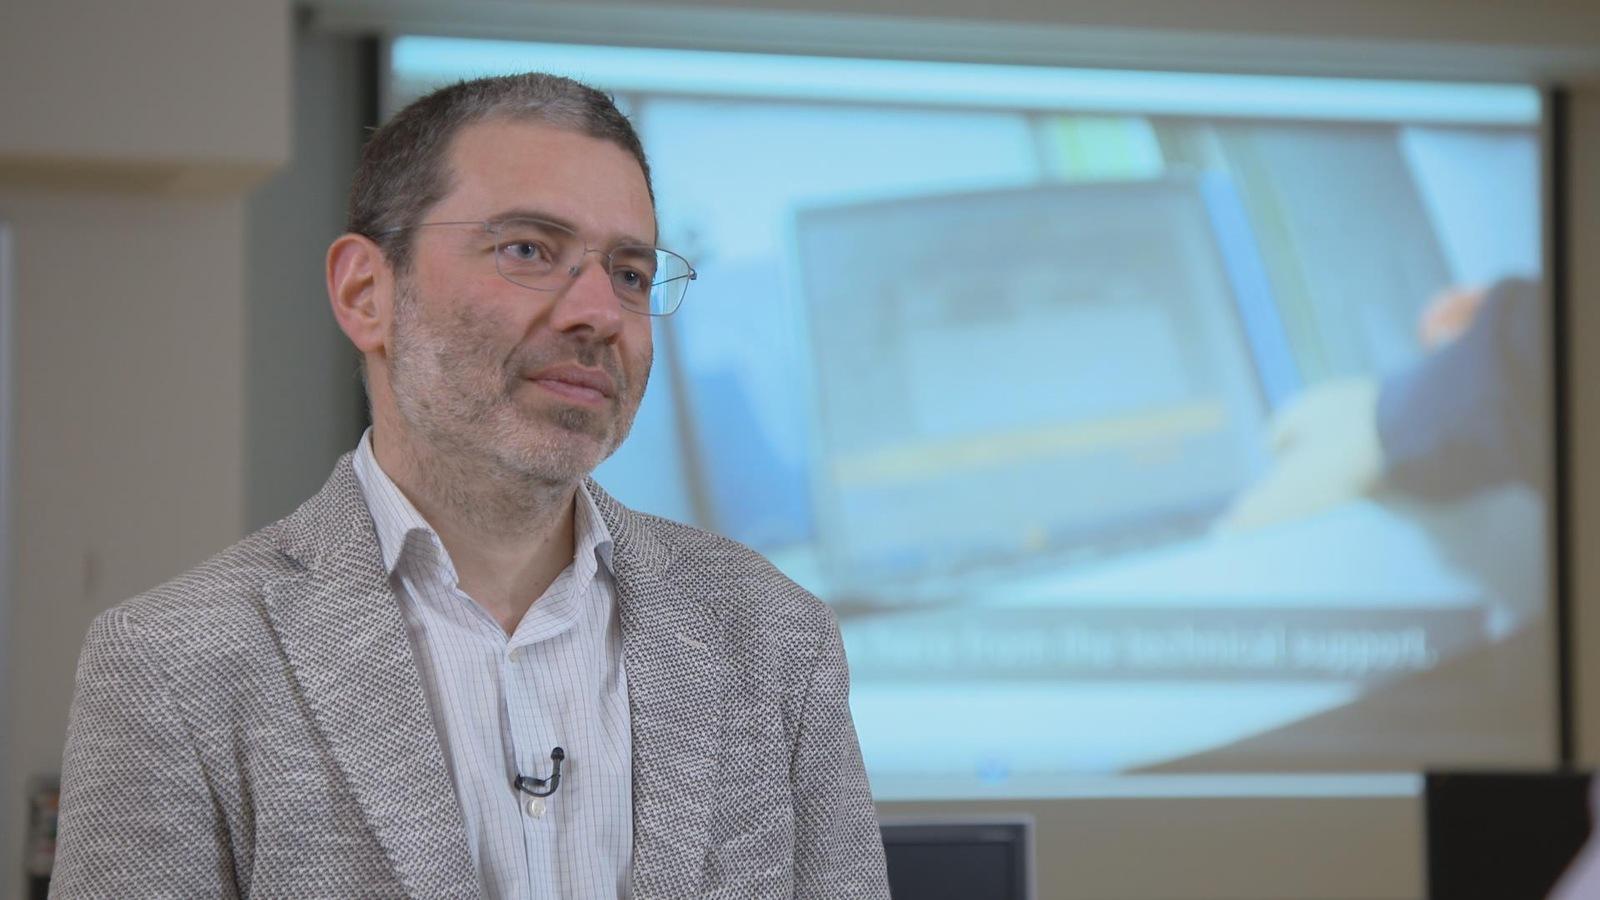 Benoît Dupont devant un écran de télévision.